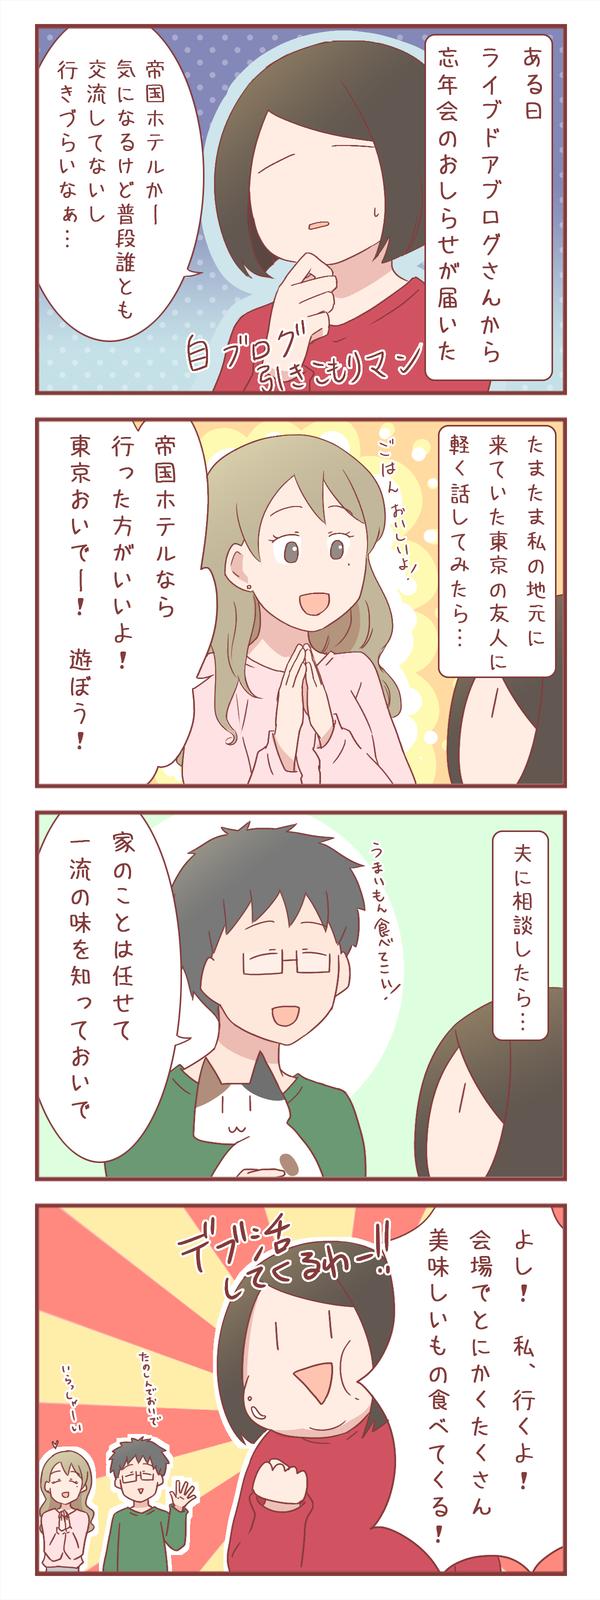 ライブドアブログ大忘年会2019レポ①~参加を決めた理由